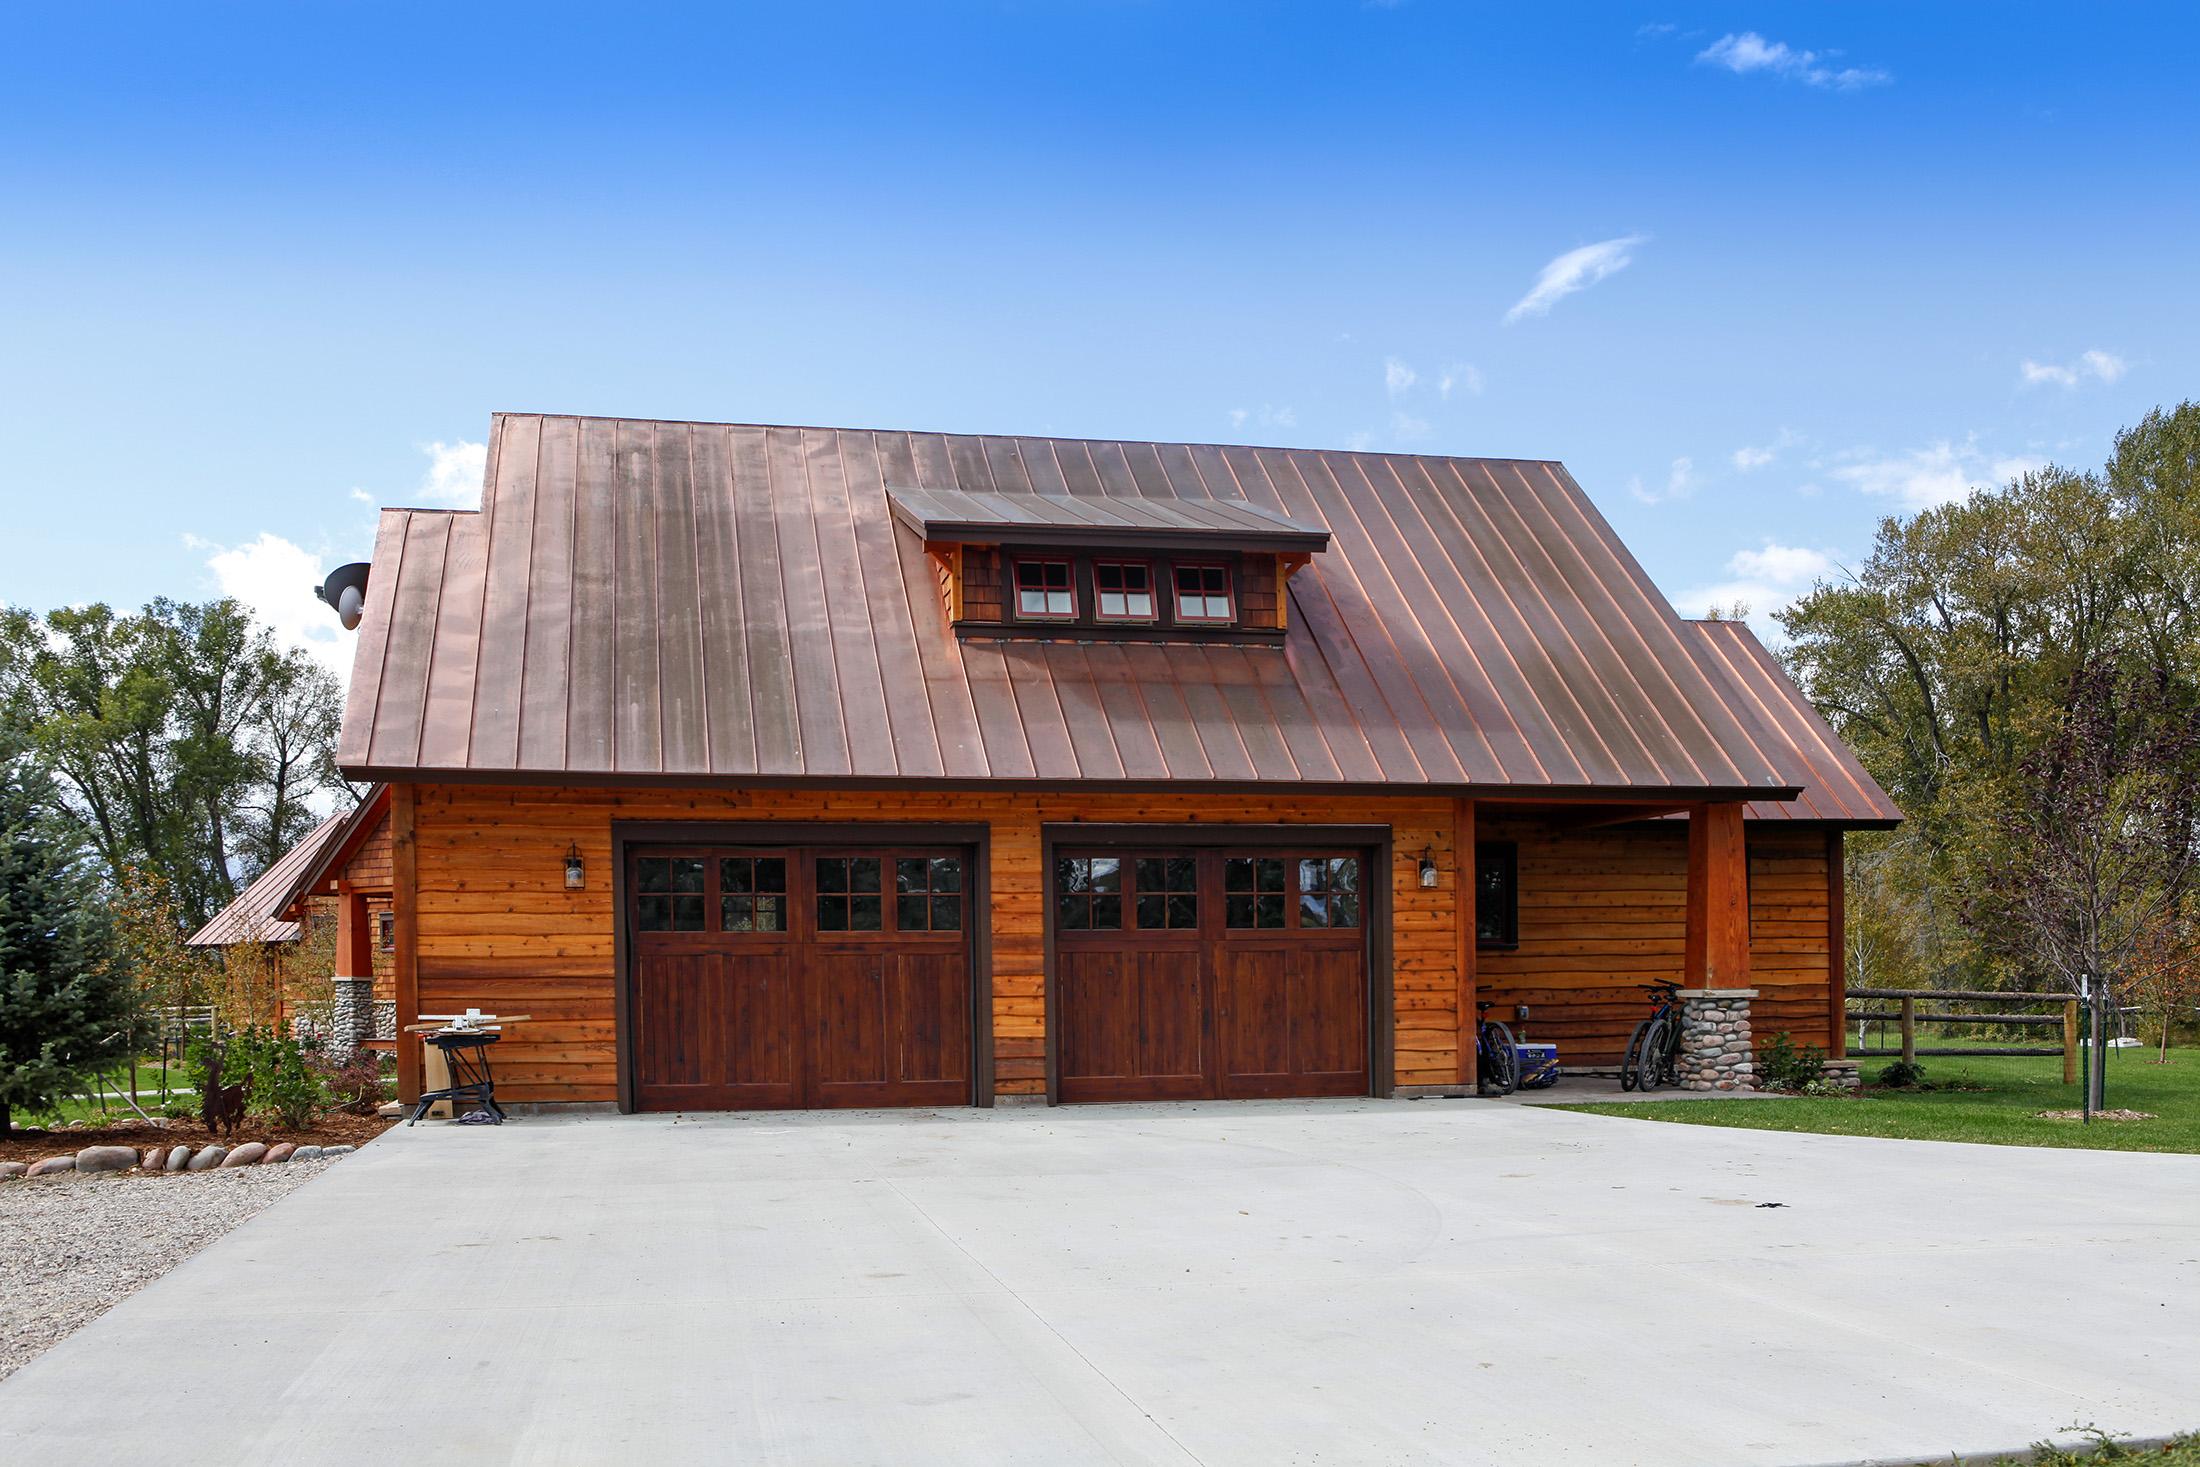 Custom wooden garage with overhead door and windows